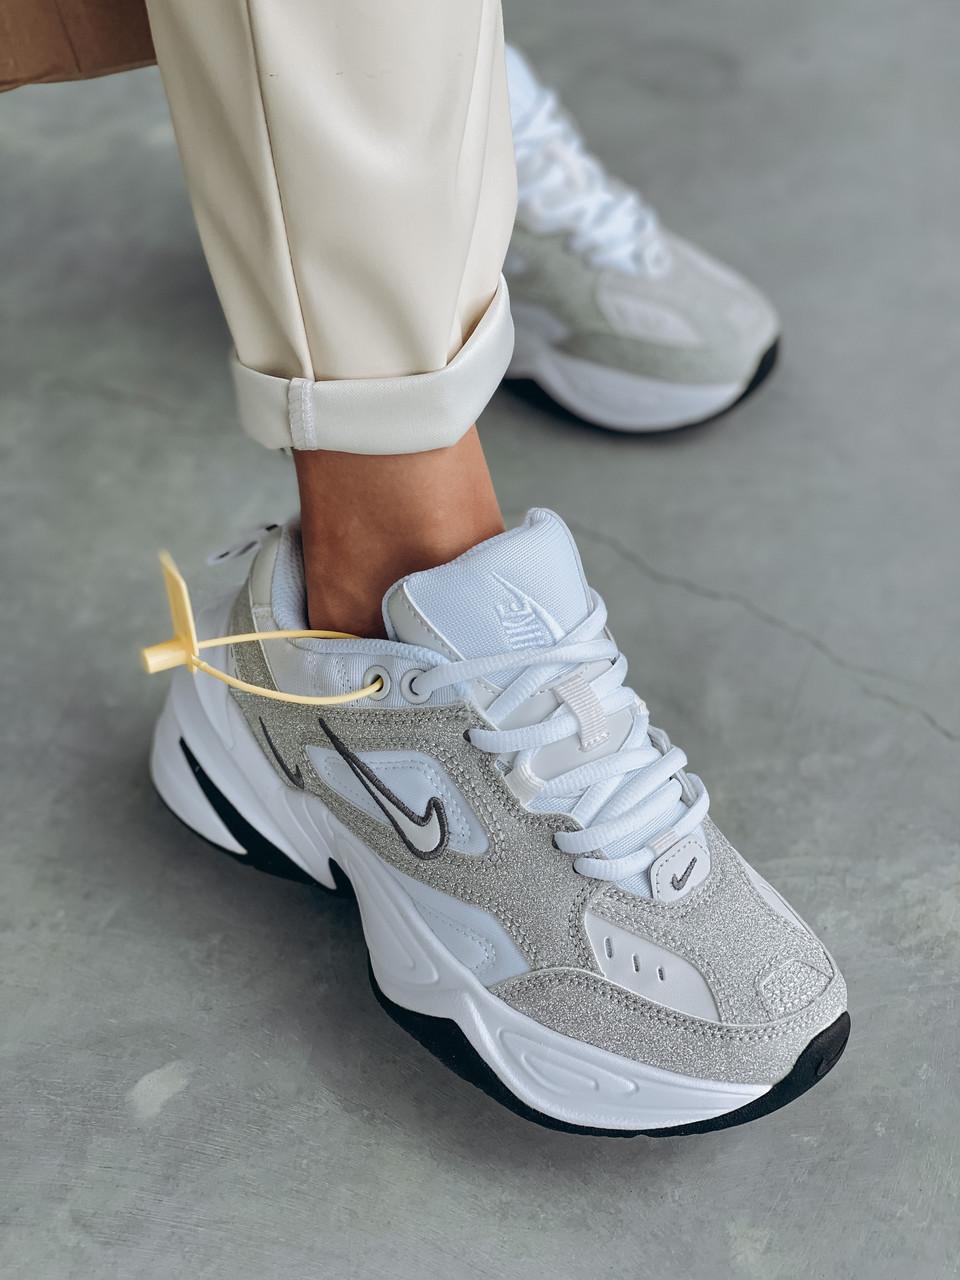 Женские осенние кроссовки Nike M2k Tekno (с блесками), кроссовки Найк М2к Текно (Реплика ААА)